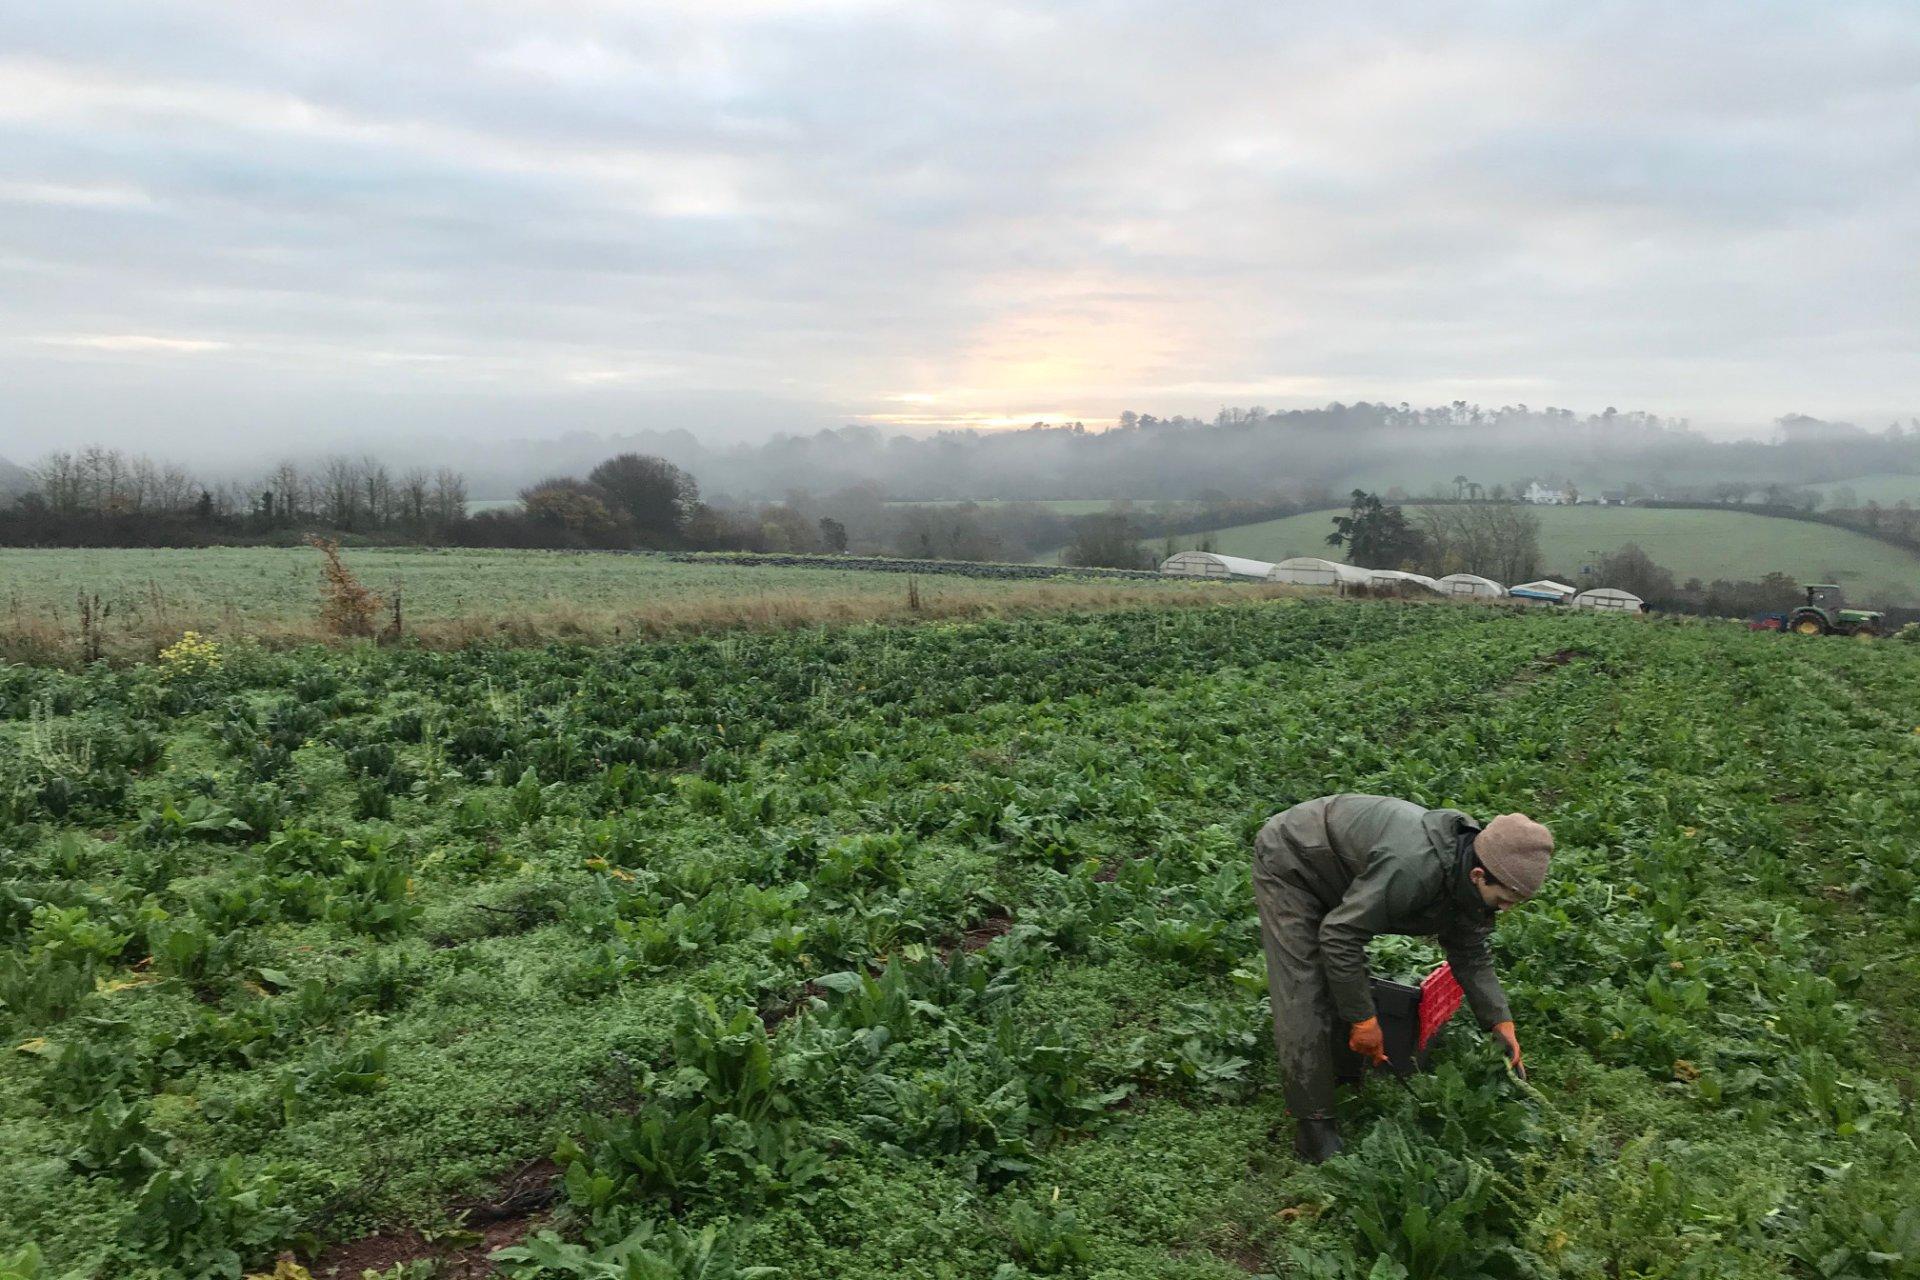 Shillingford Organics at Greenlife